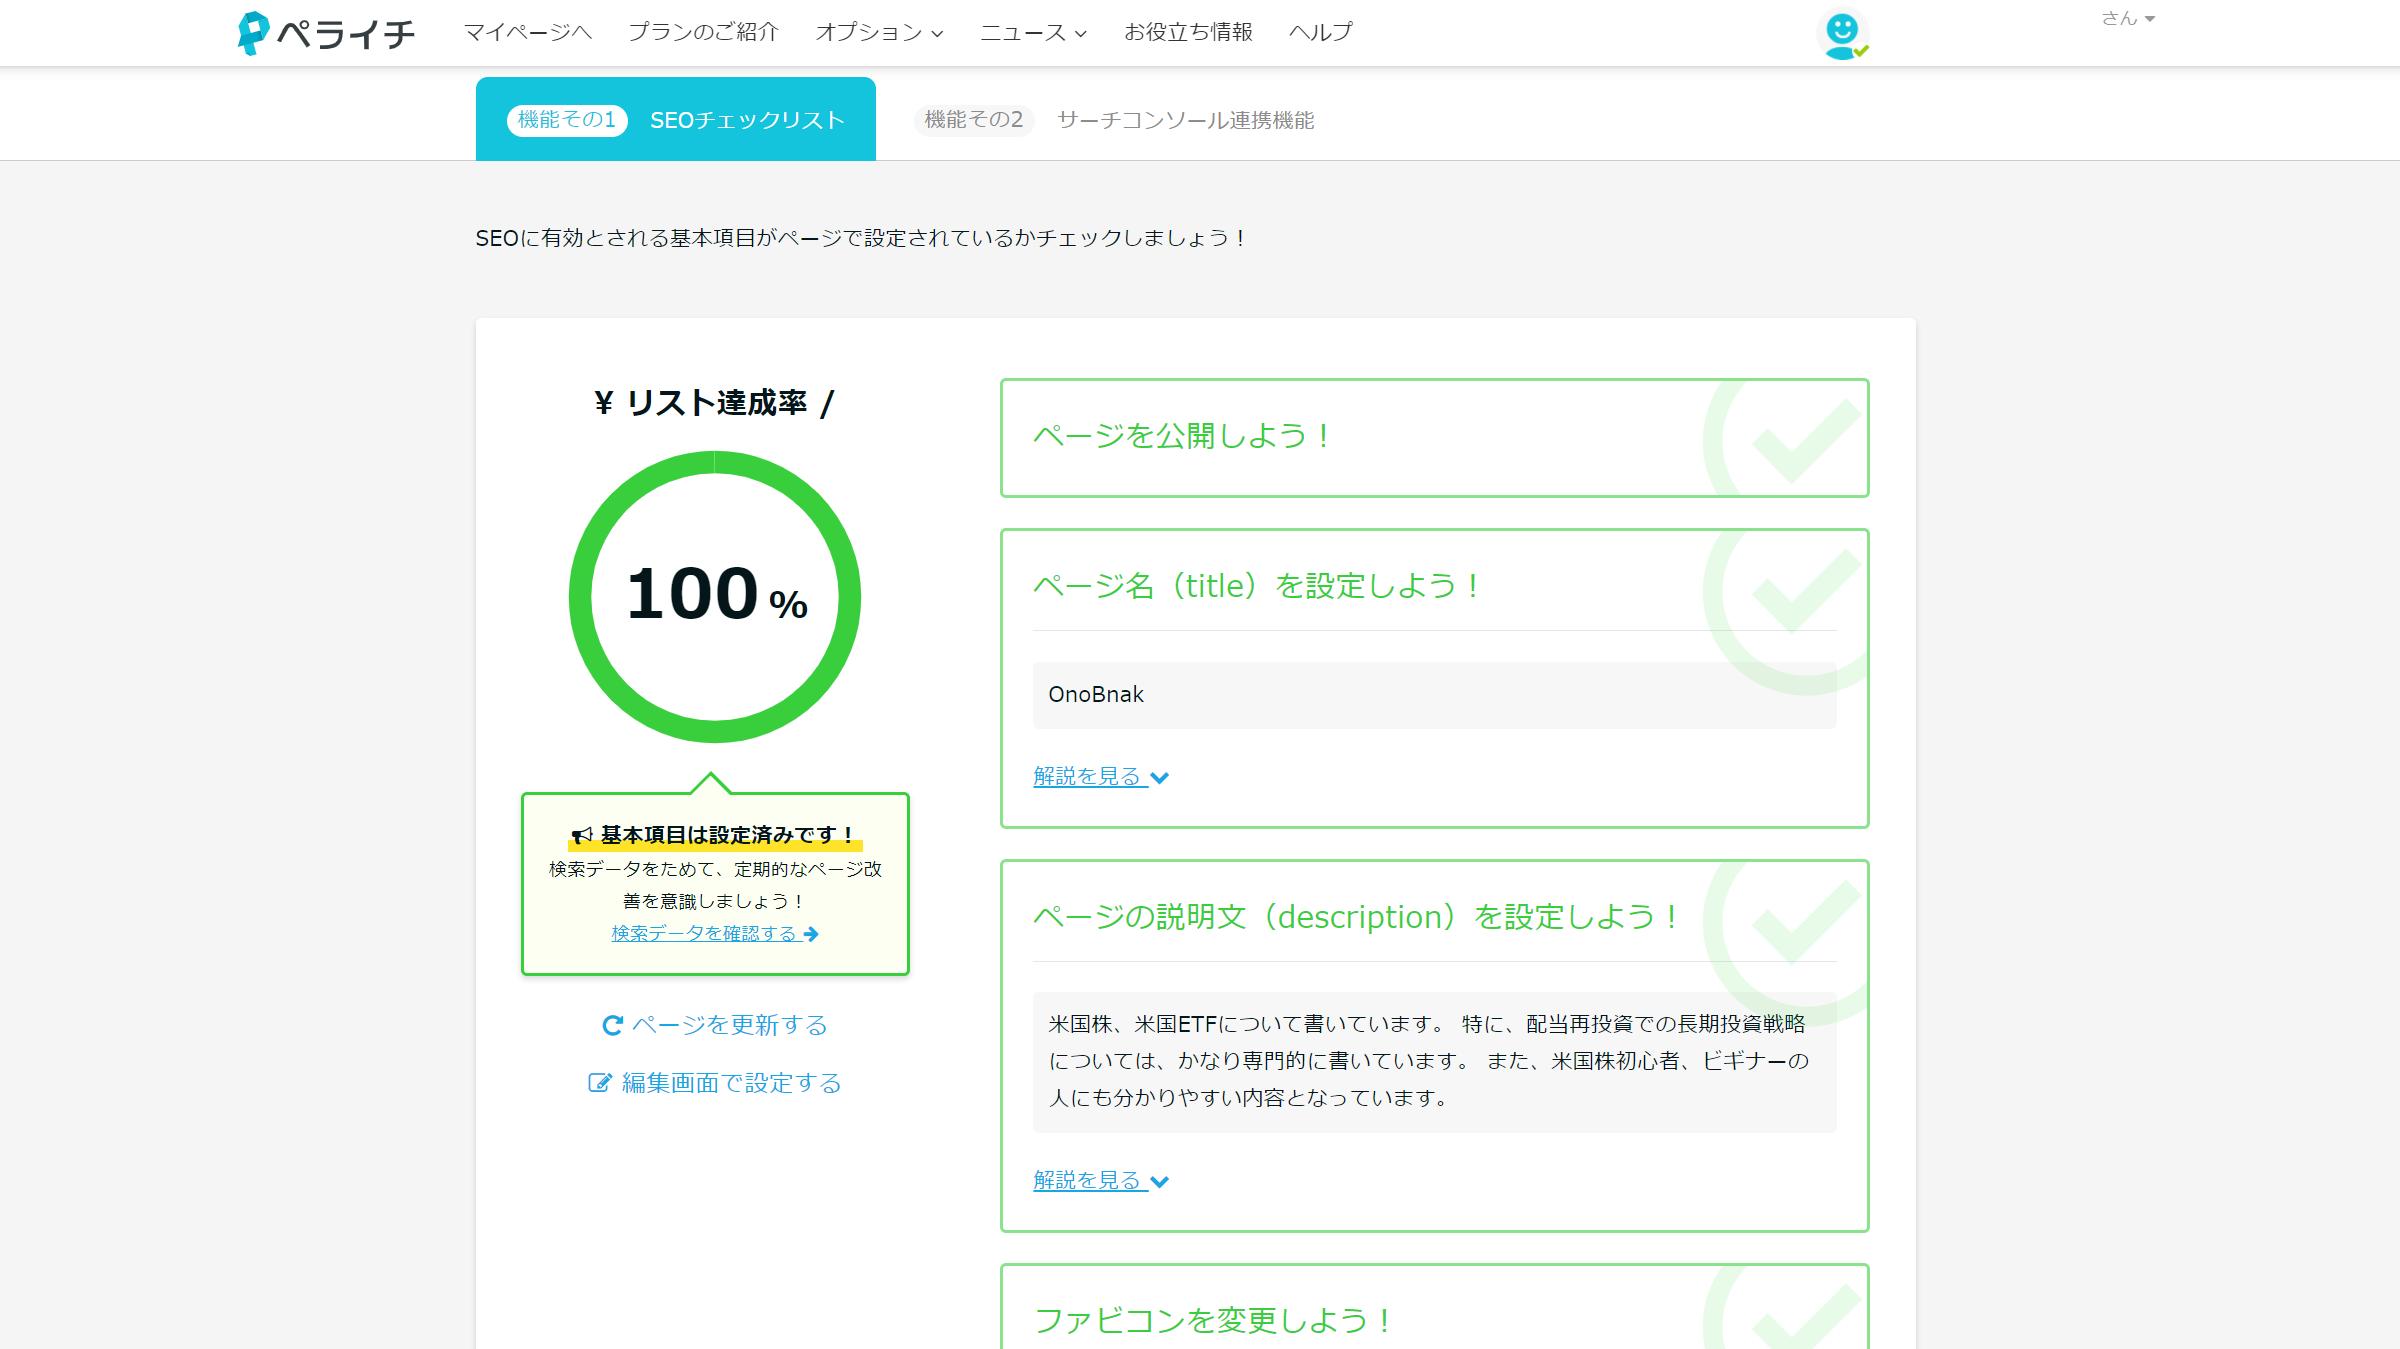 ペライチ|簡単SEO対策・SEOチェックリストを100%にする手順